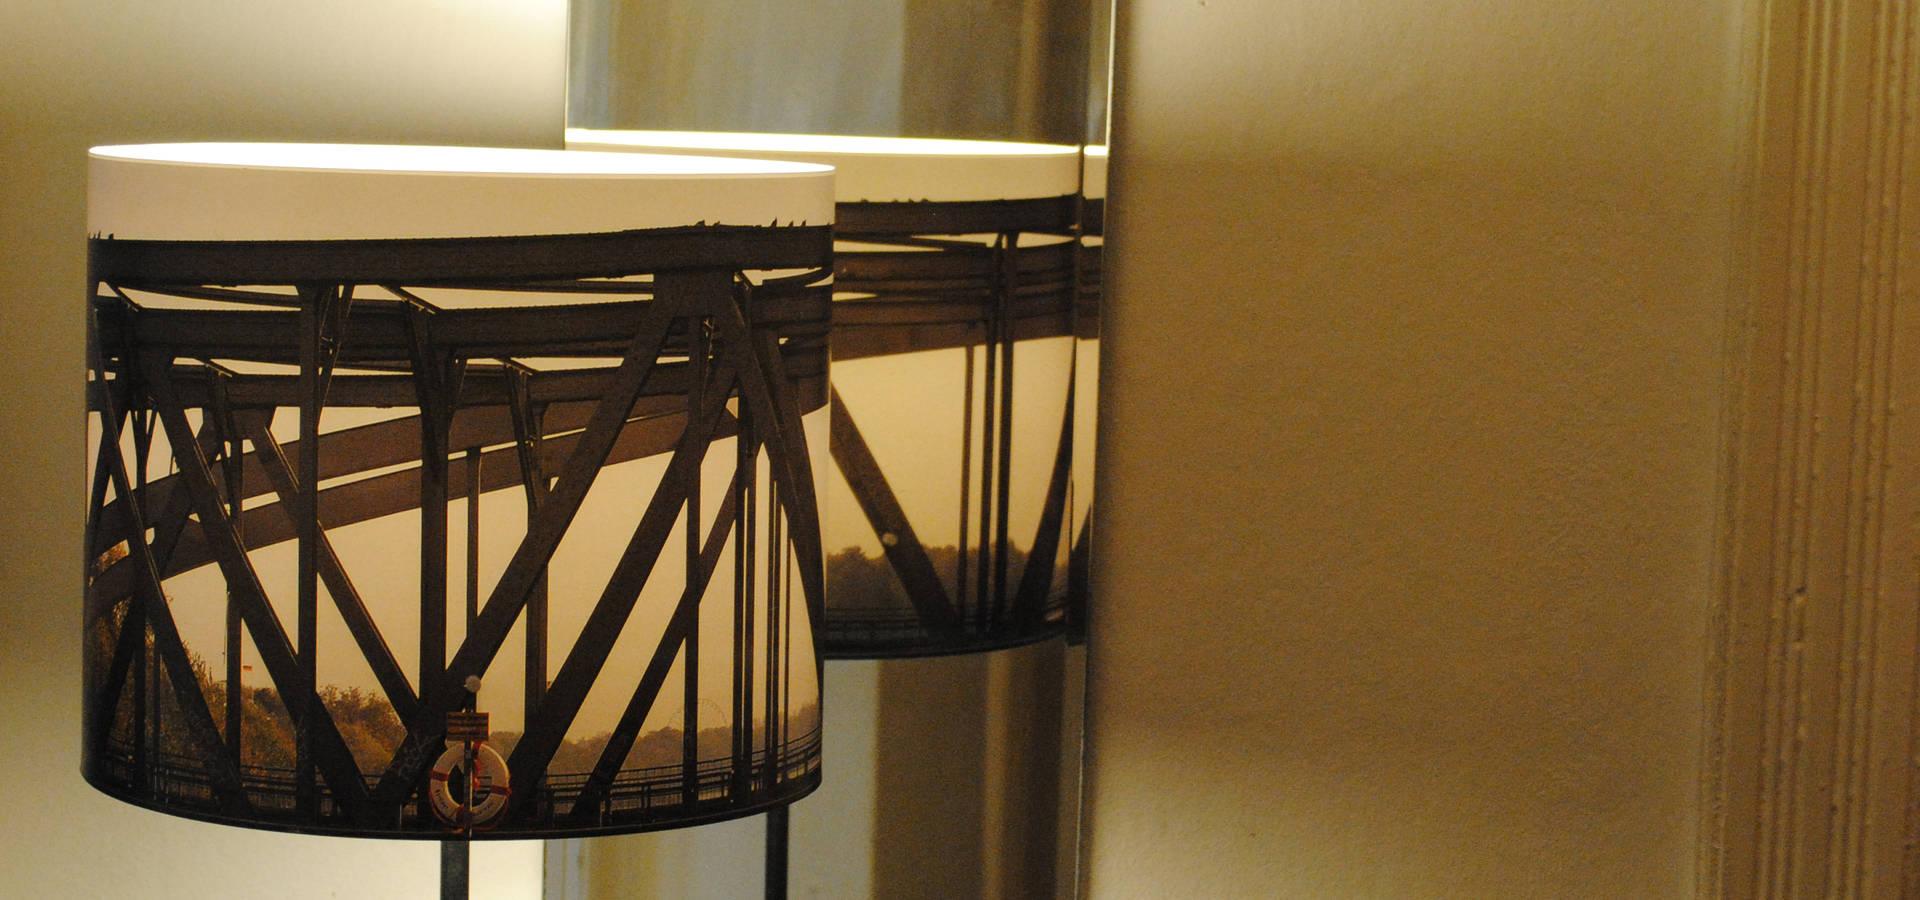 tisch fotolampen por fotolampe berlin homify. Black Bedroom Furniture Sets. Home Design Ideas